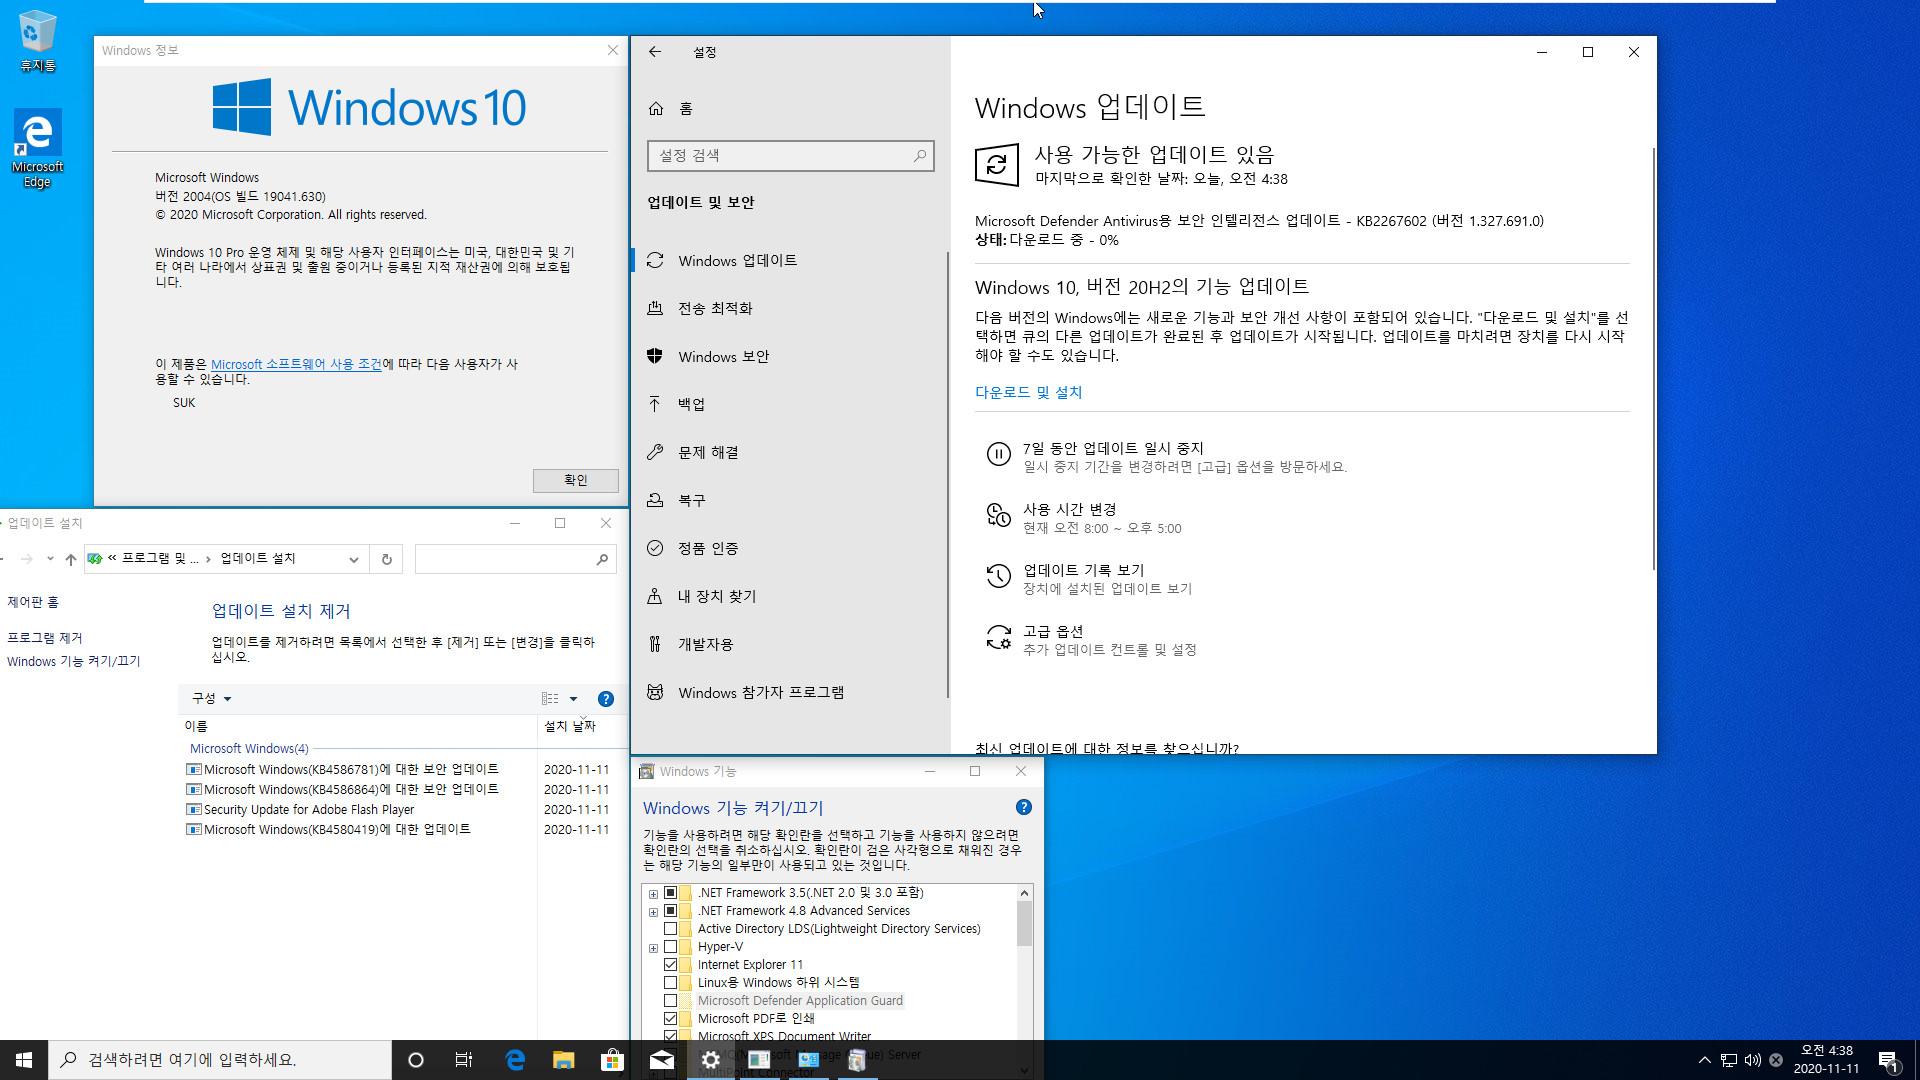 2020-11-11 수요일 정기 업데이트 통합 PRO x64 2개 - Windows 10 버전 2004 + 버전 20H2 누적 업데이트 KB4586781 (OS 빌드 19041.630 + 19042.630) - 설치 테스트 2020-11-11_043841.jpg